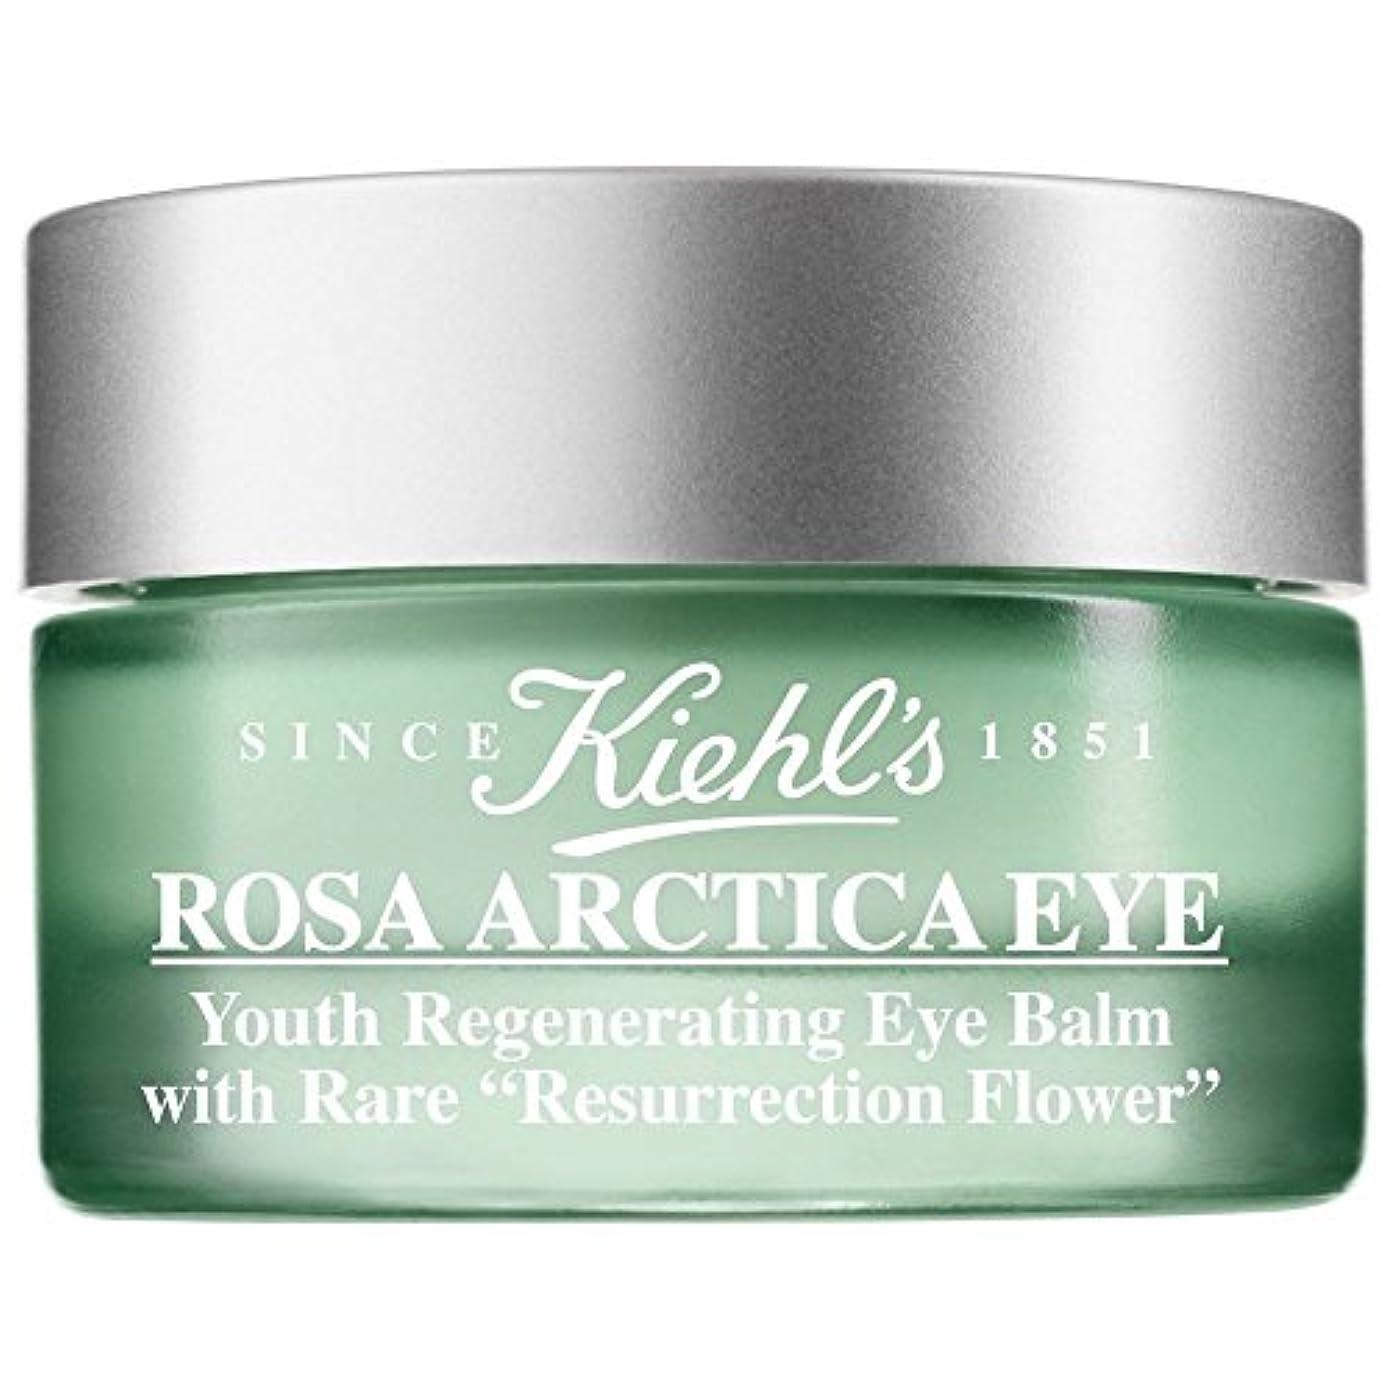 おしゃれな注入精神的に[Kiehl's] キールズローザArticaアイ14ミリリットル - Kiehl's Rosa Artica Eye 14ml [並行輸入品]